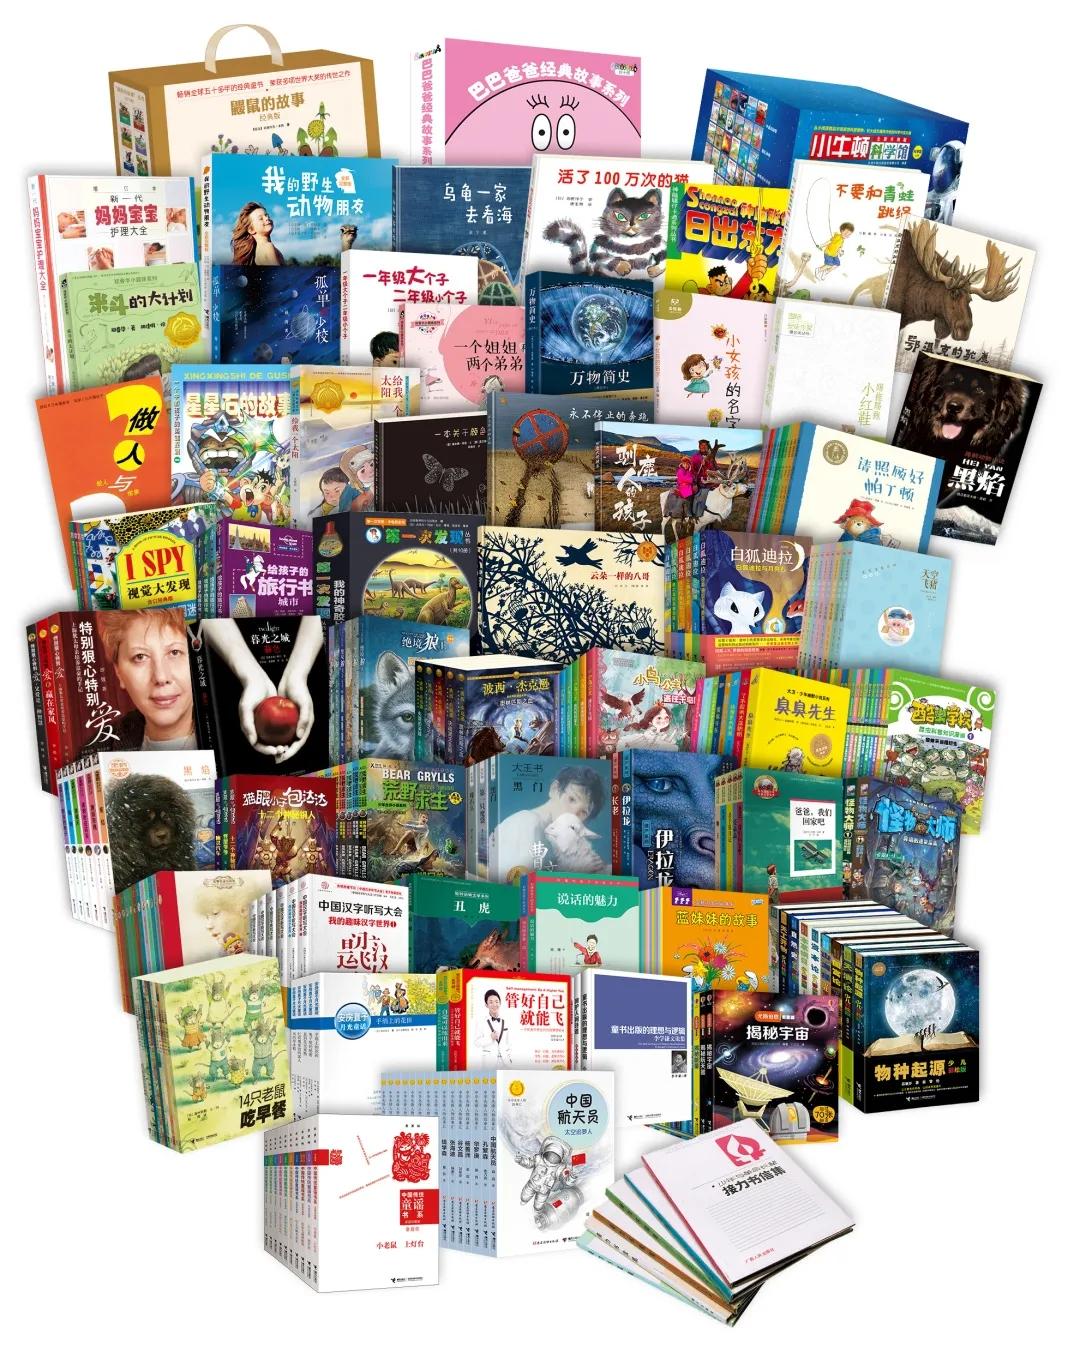 如何用30本书定义一个卓越出版品牌?这里有一个操作入口